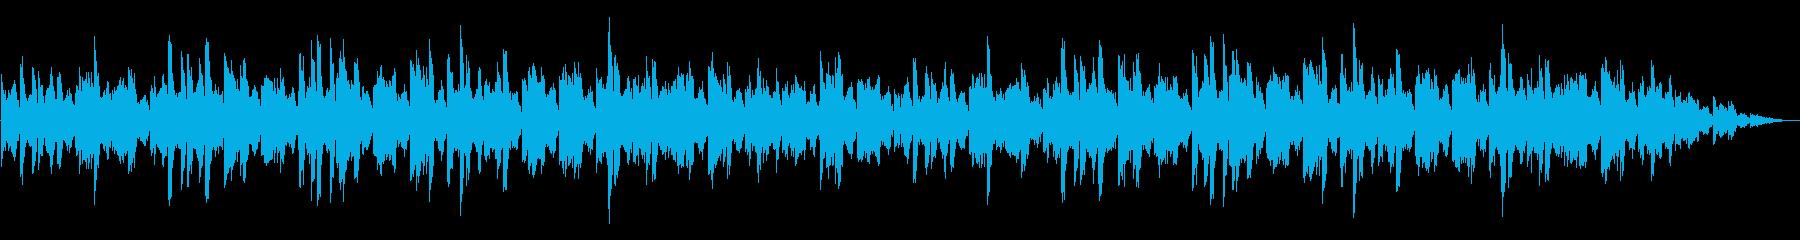 お化け屋敷・洋館・廃墟 不気味オルゴールの再生済みの波形